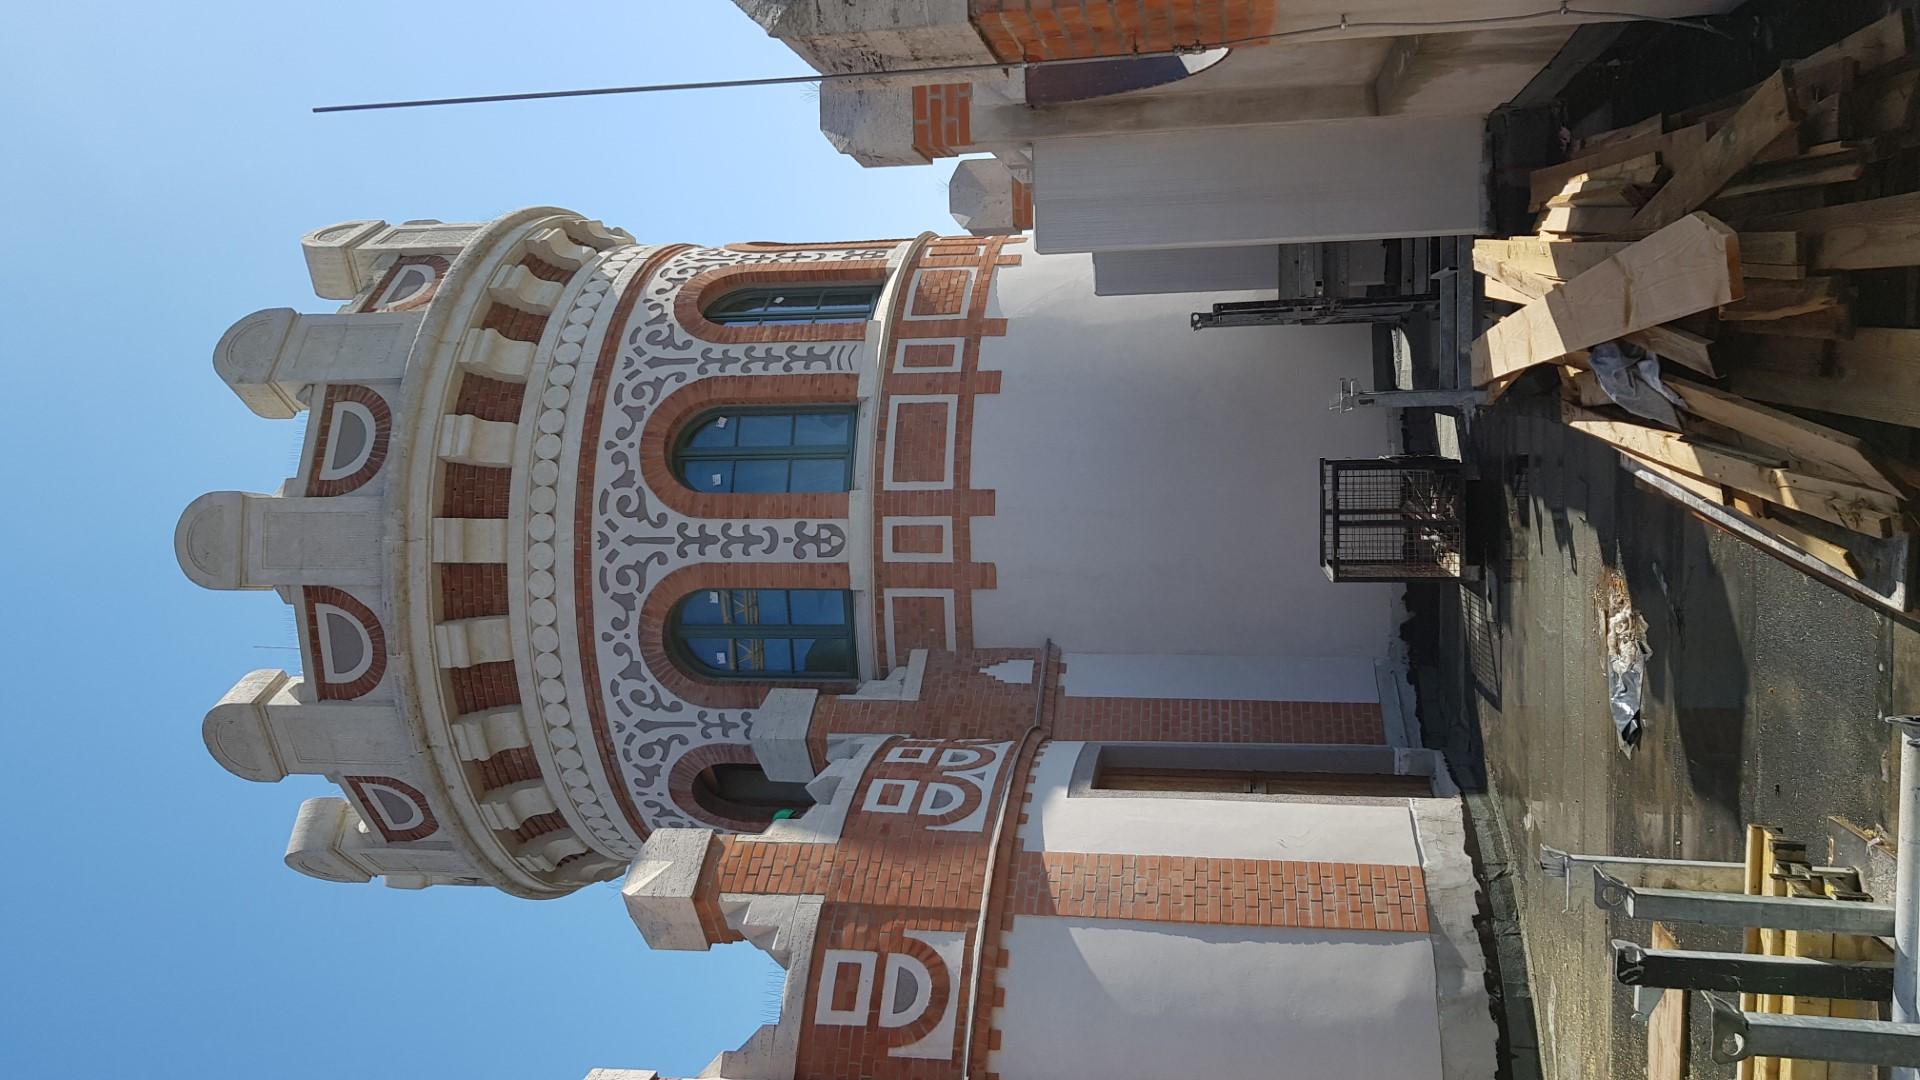 A helyreállított tornyon látszik valamennyi díszítőelem: a téglaminták, közöttük a vakolt felületek, és az egykori sgraffitók rekonstrukciói<br /><br />